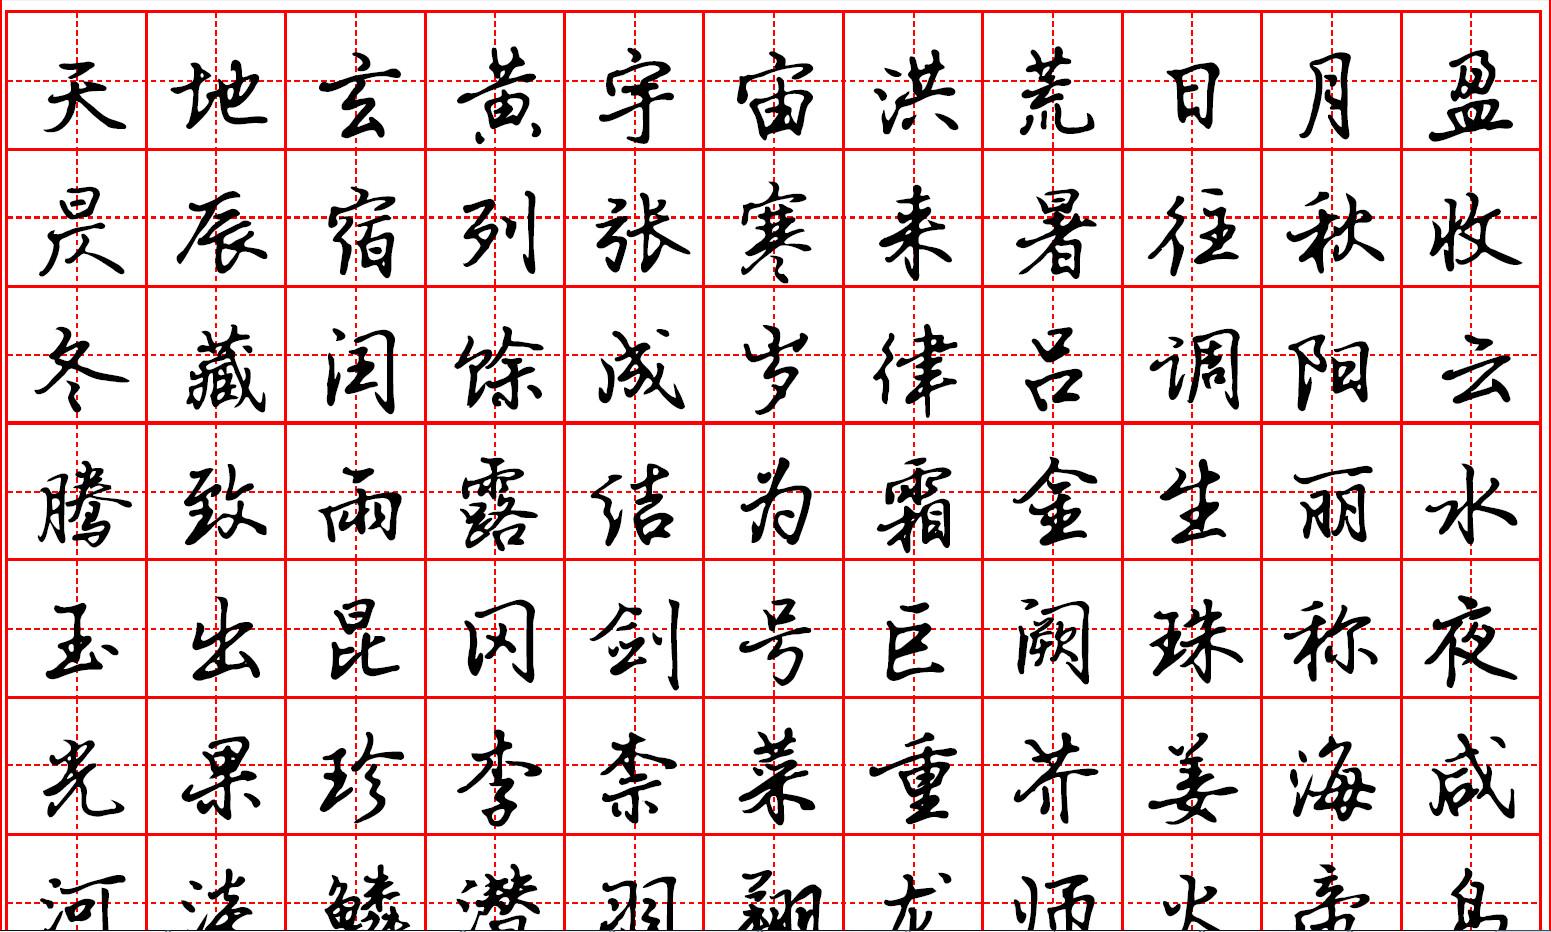 这个《千字文》字帖是印刷体还是手写体,出自哪位书法图片